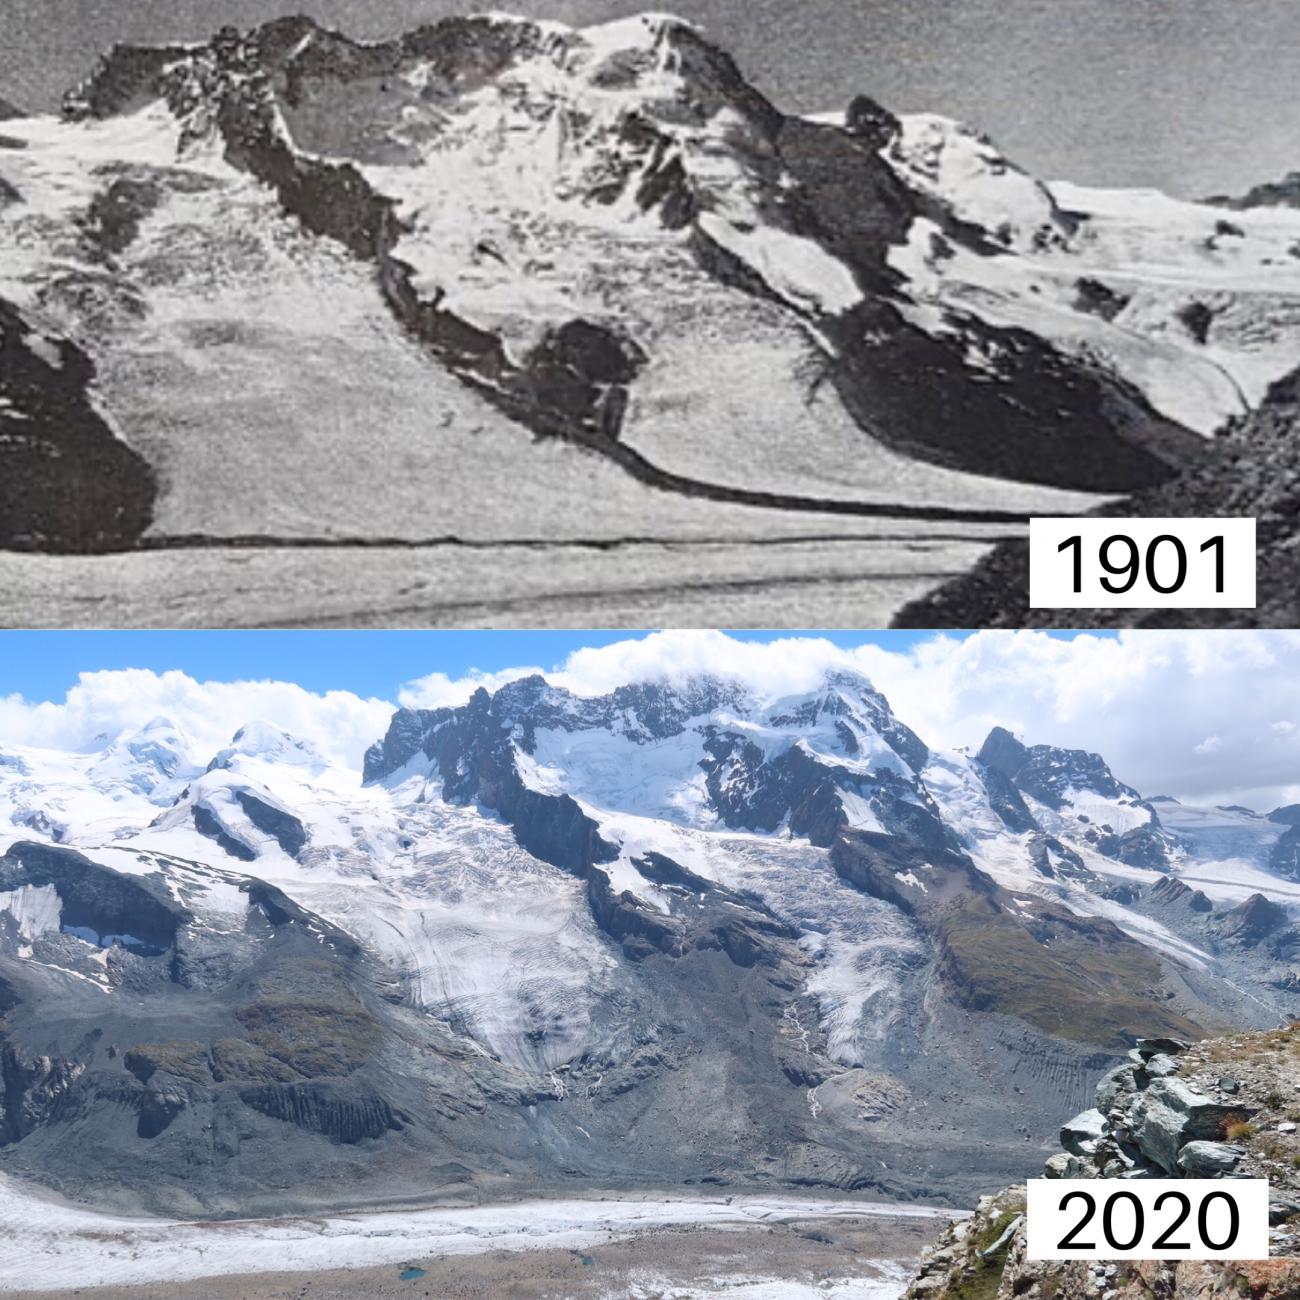 gorner glacier_climate change_global warming_currently wearing